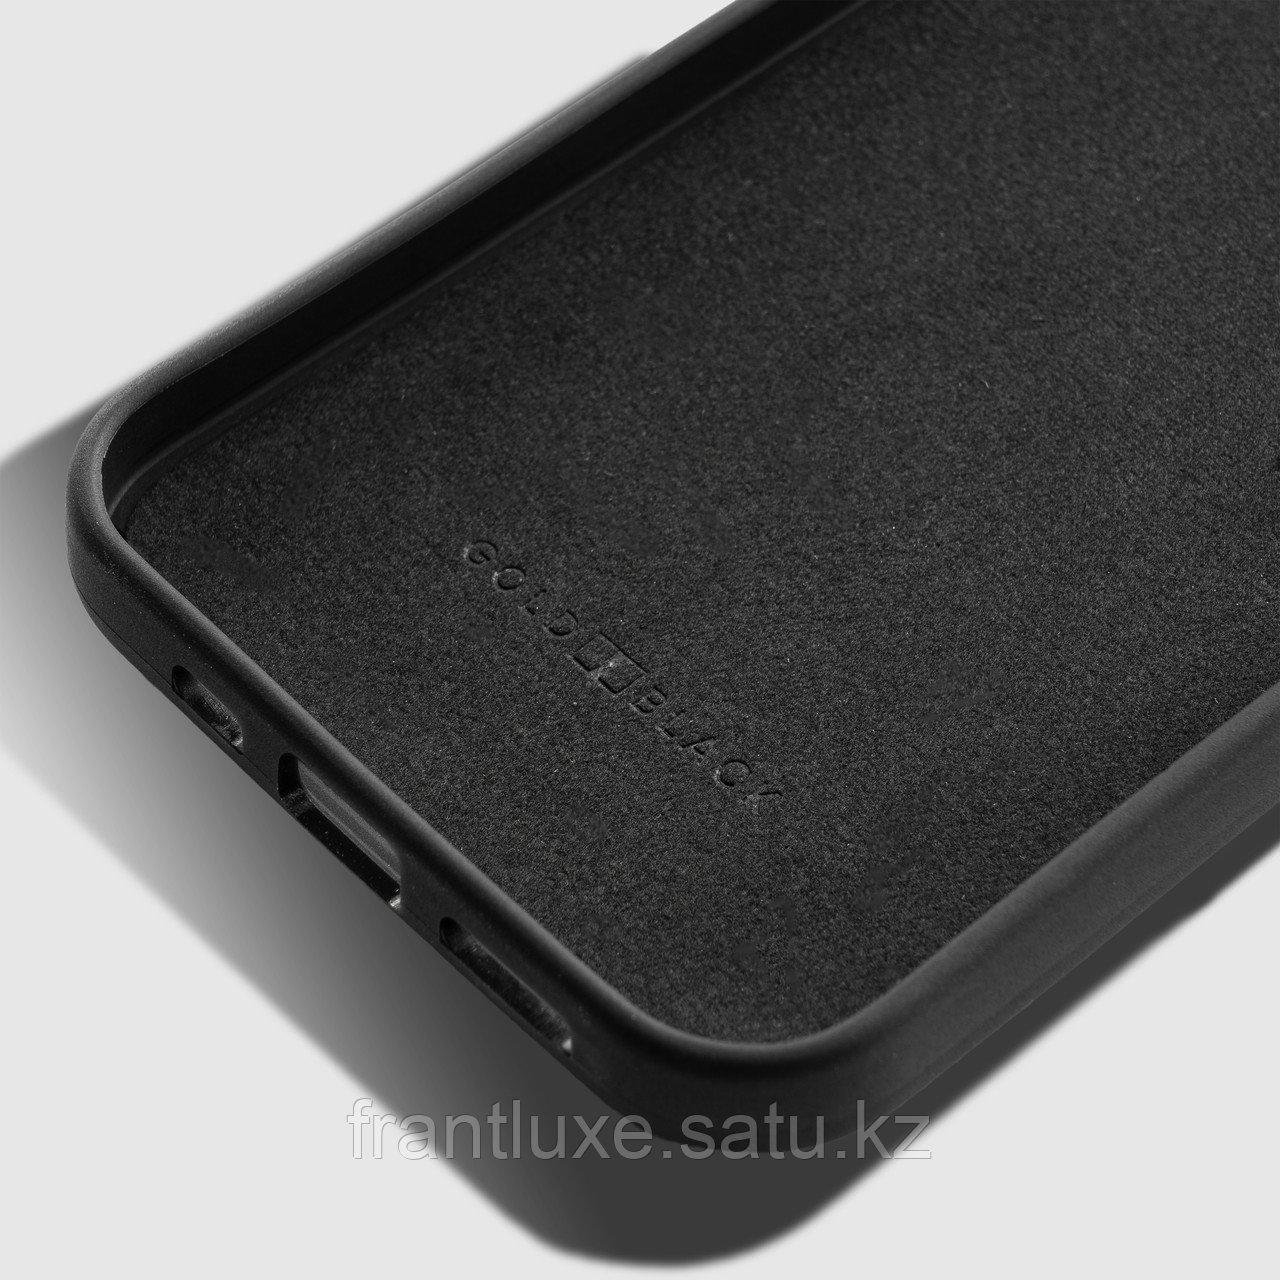 Чехол для телефона iPhone 12/12 Pro с ремешком-держателем питон натуральный - фото 3